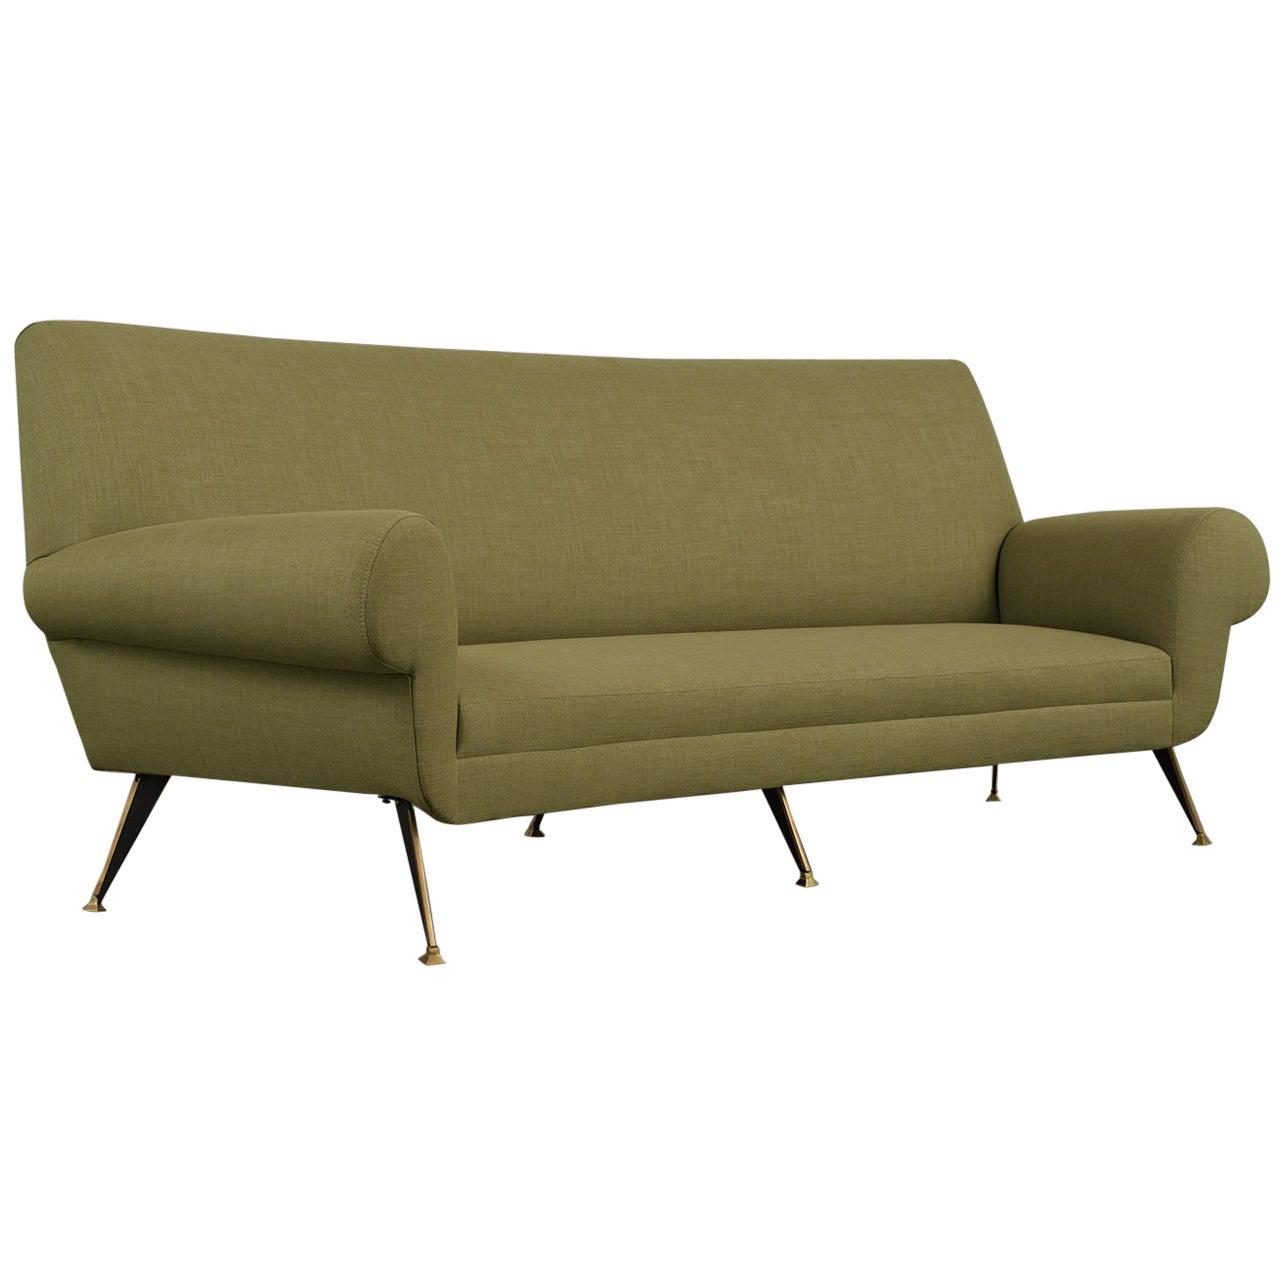 Vintage Italian Mid Century Modern Style Sofa